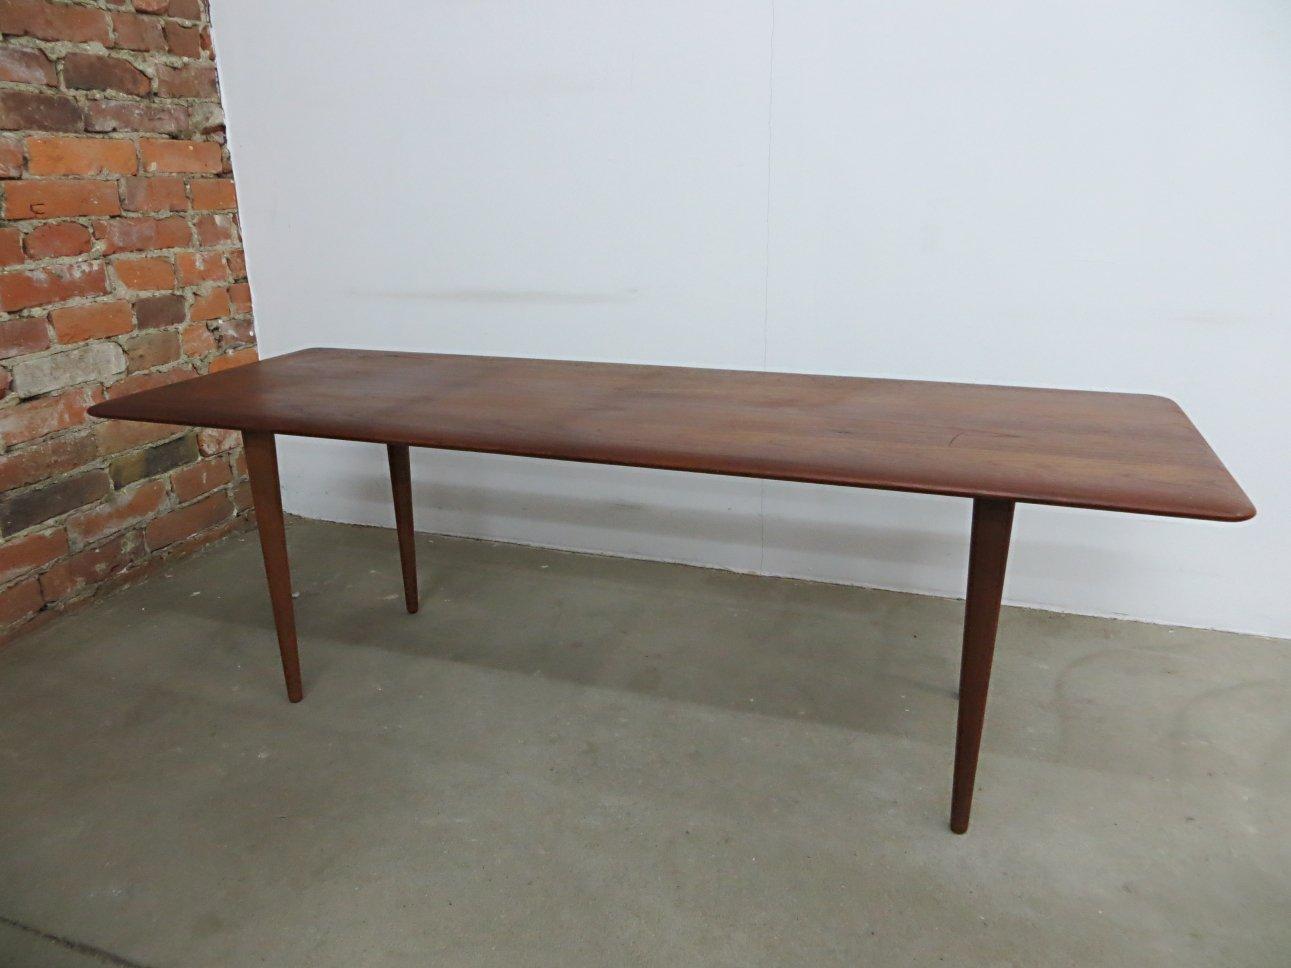 Danish Teak Wood Coffee Table By Peter Hvidt Orla Molgaard Nielsen For France S N For Sale